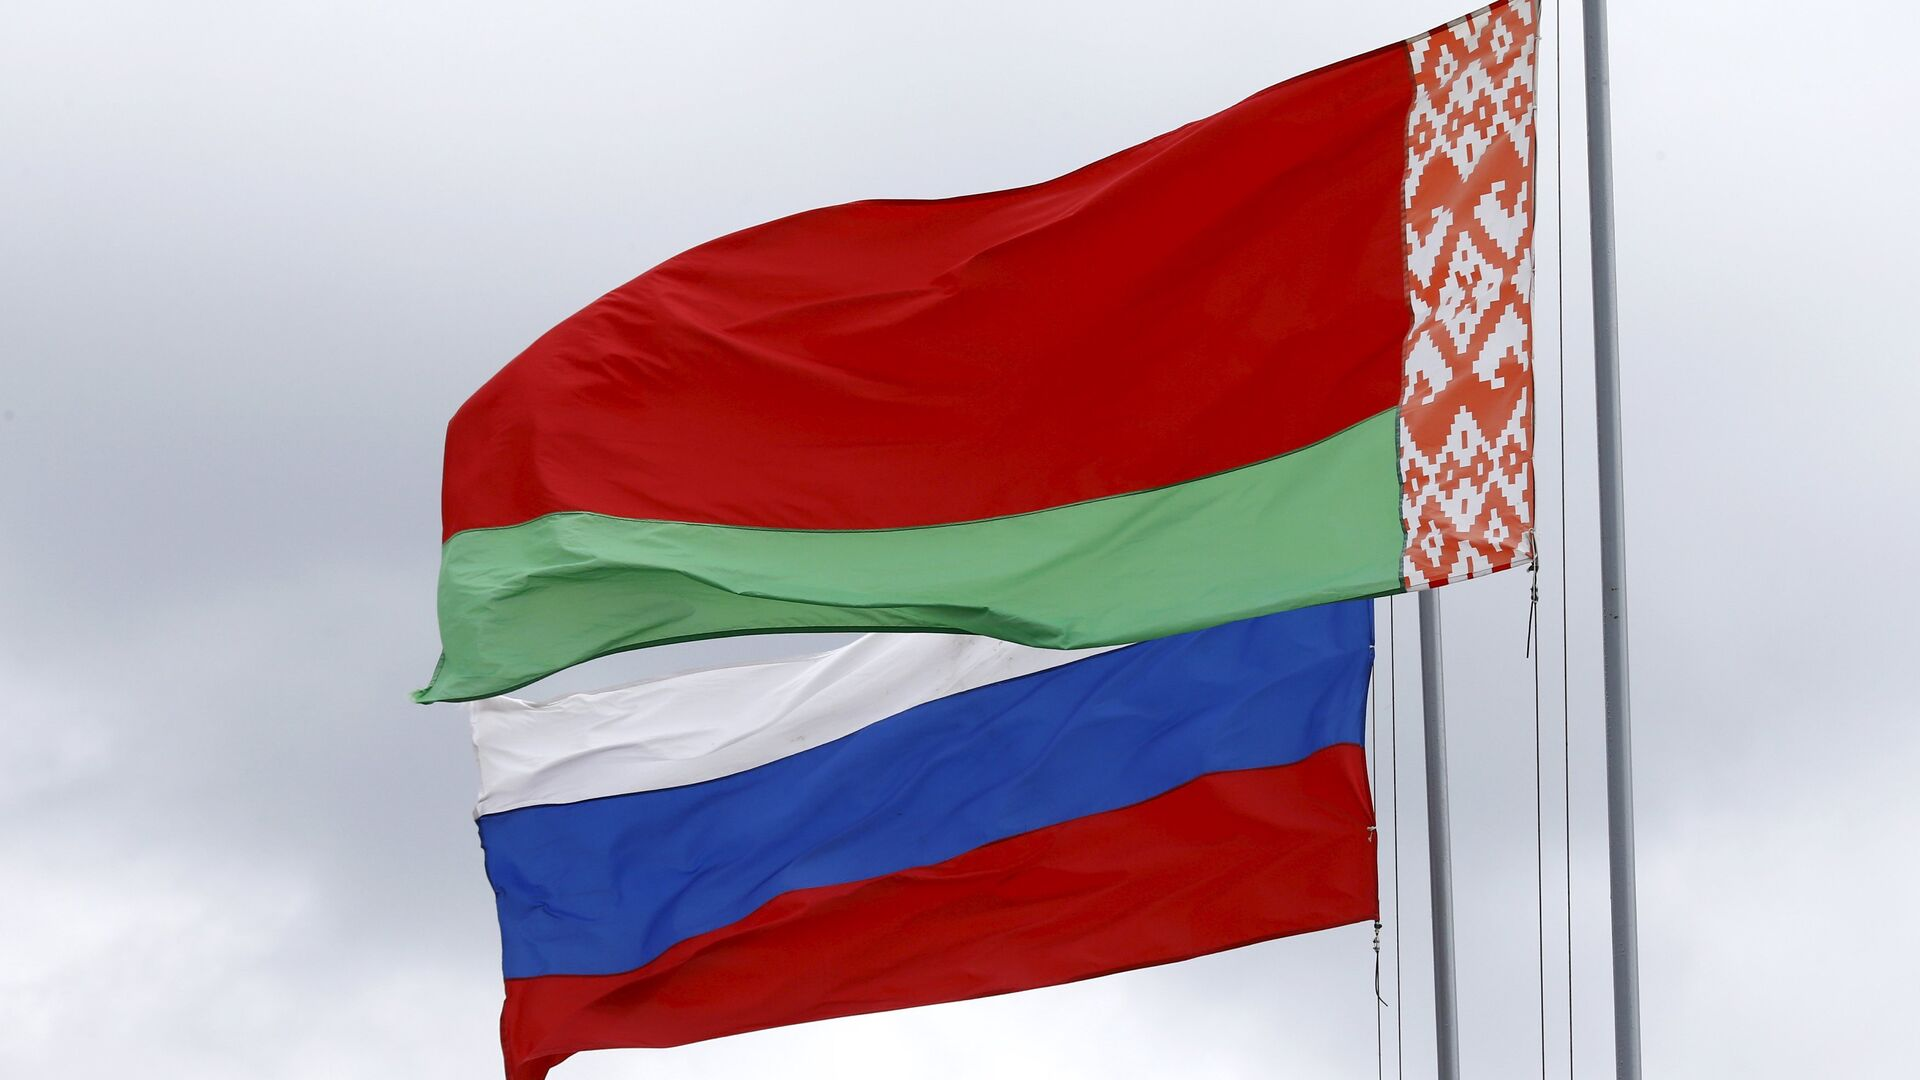 Banderas de Rusia y Bielorrusia - Sputnik Mundo, 1920, 15.04.2021